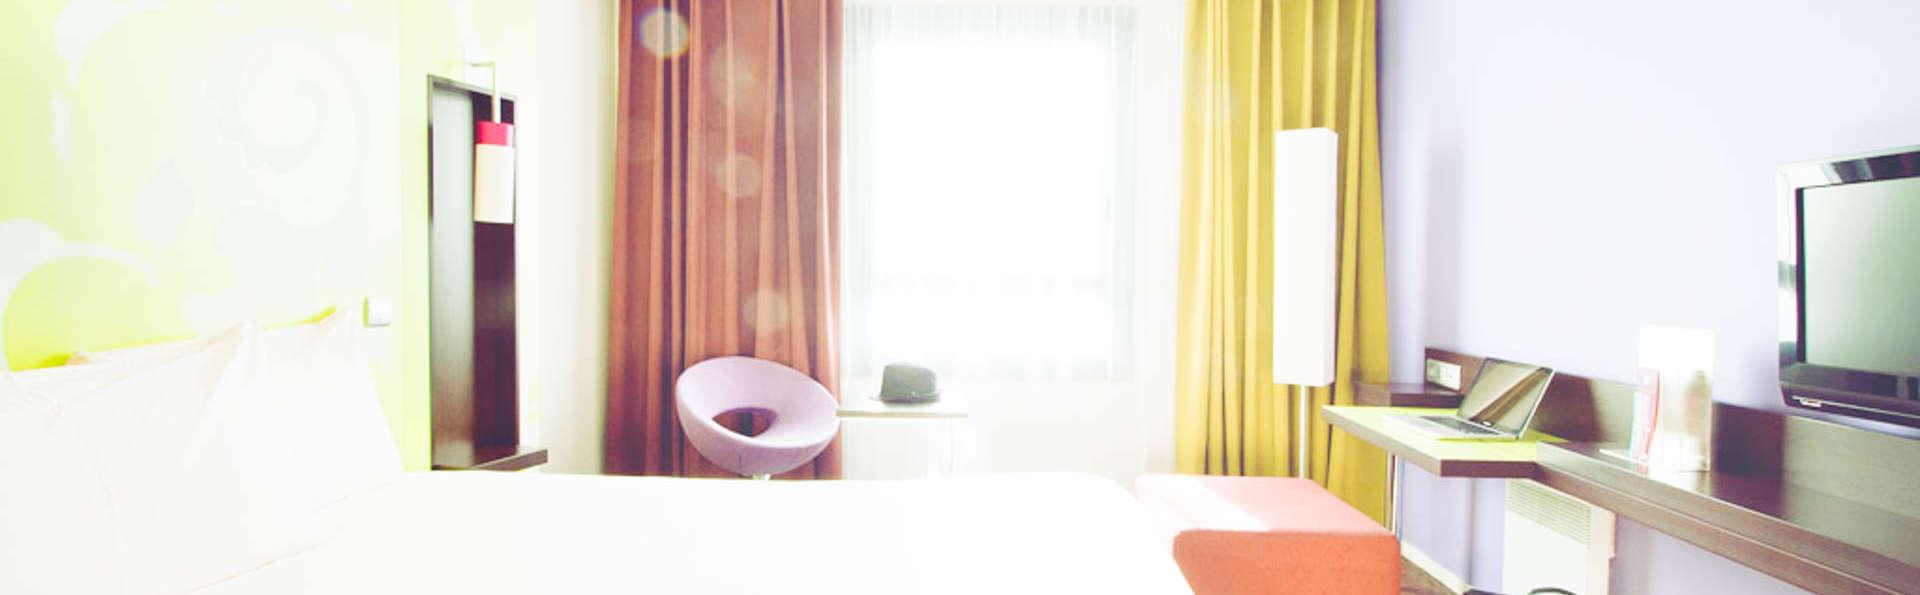 Ibis Styles Evry Cathédrale - EDIT_ROOM5.jpg